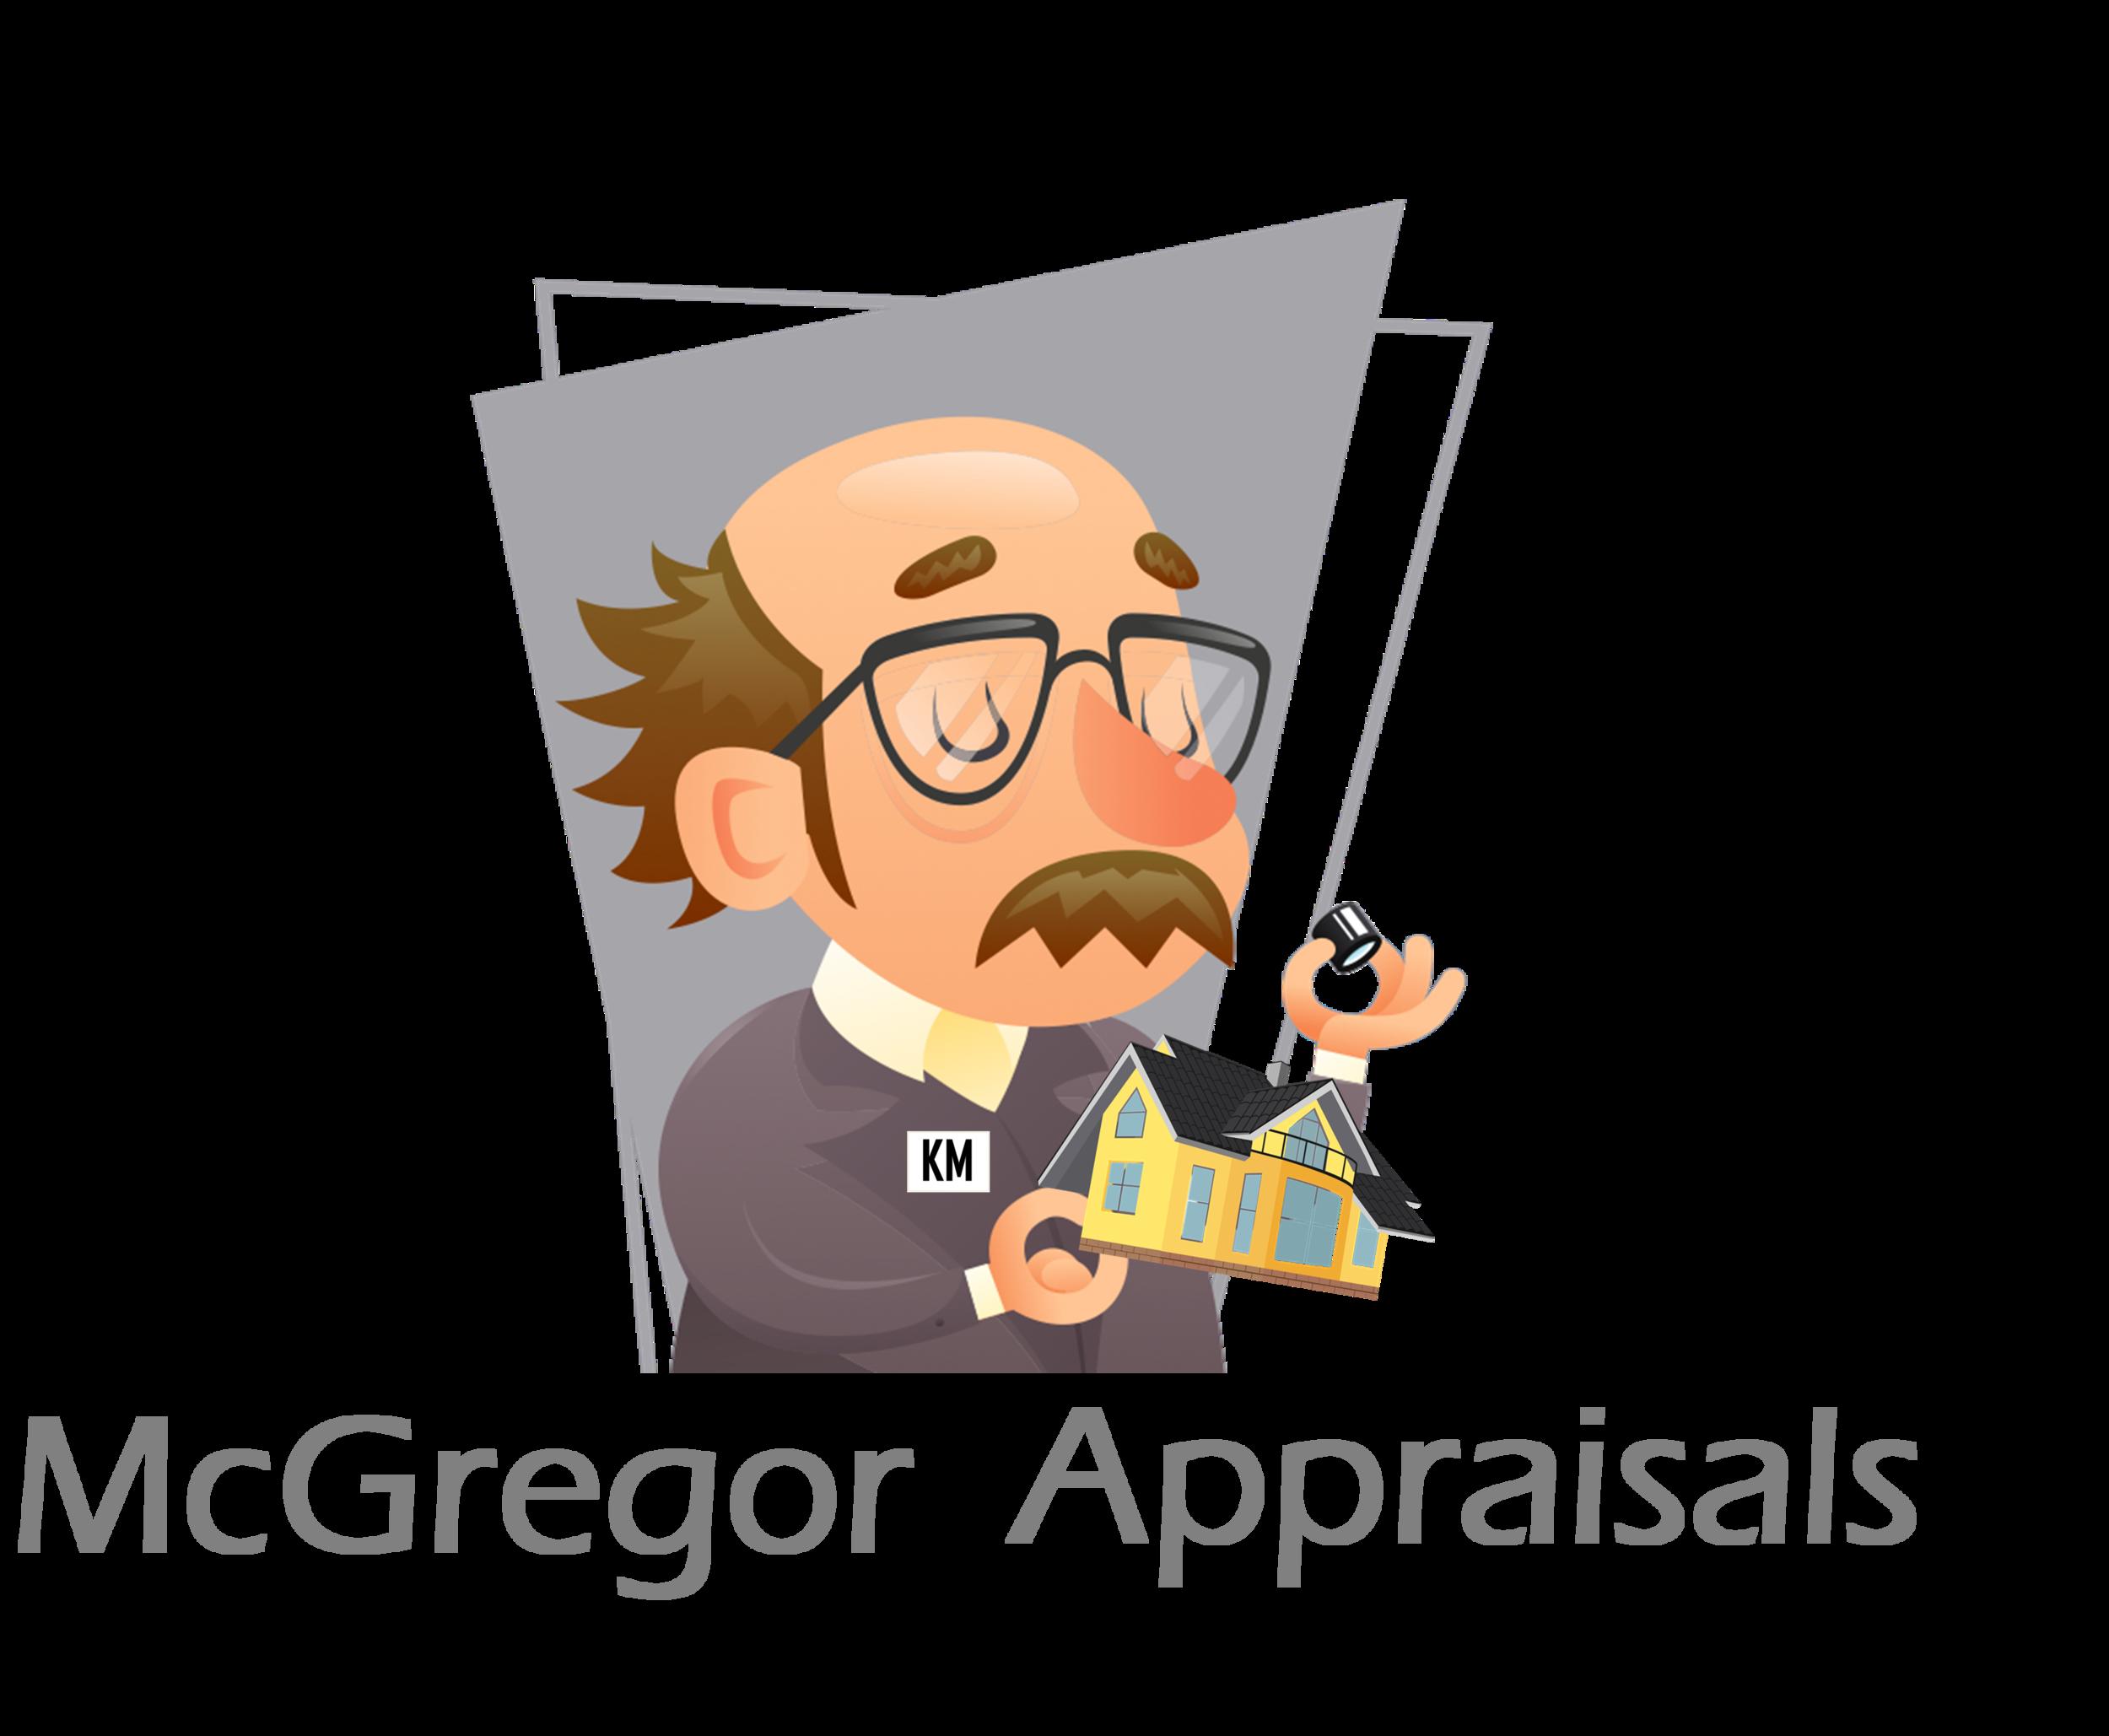 Appraisals Mercer NJ